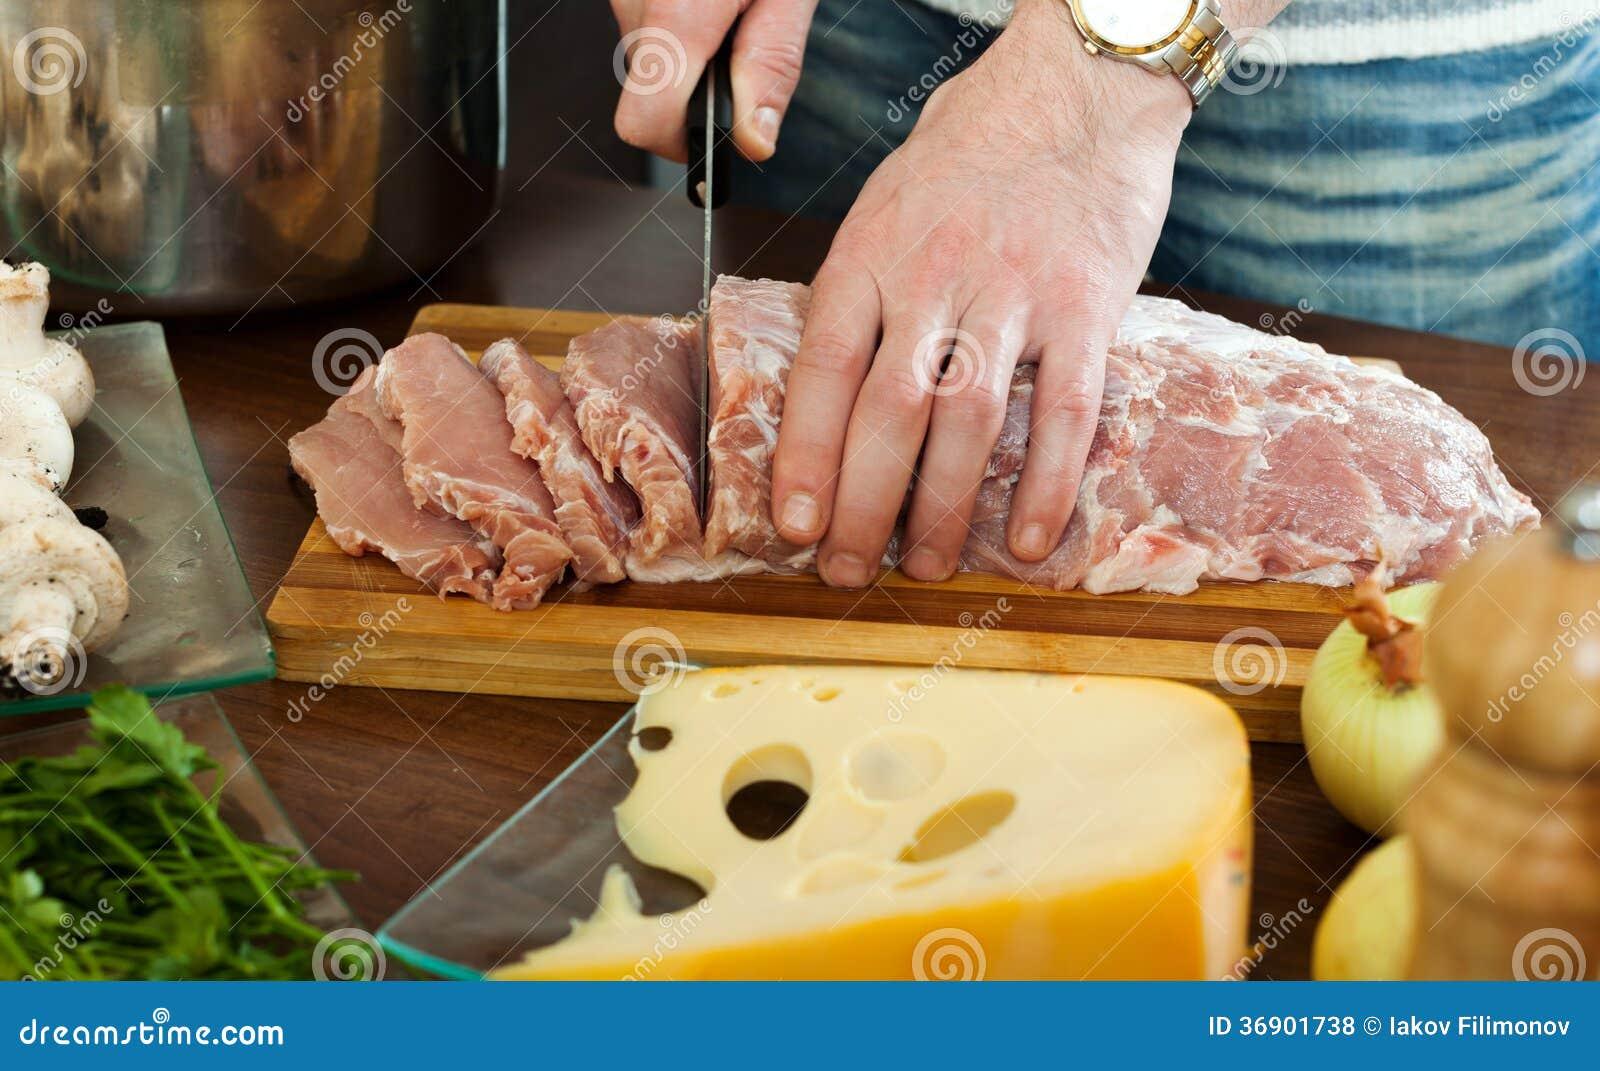 切了手的照片_切生肉的手 免版税库存照片 - 图片: 36901738